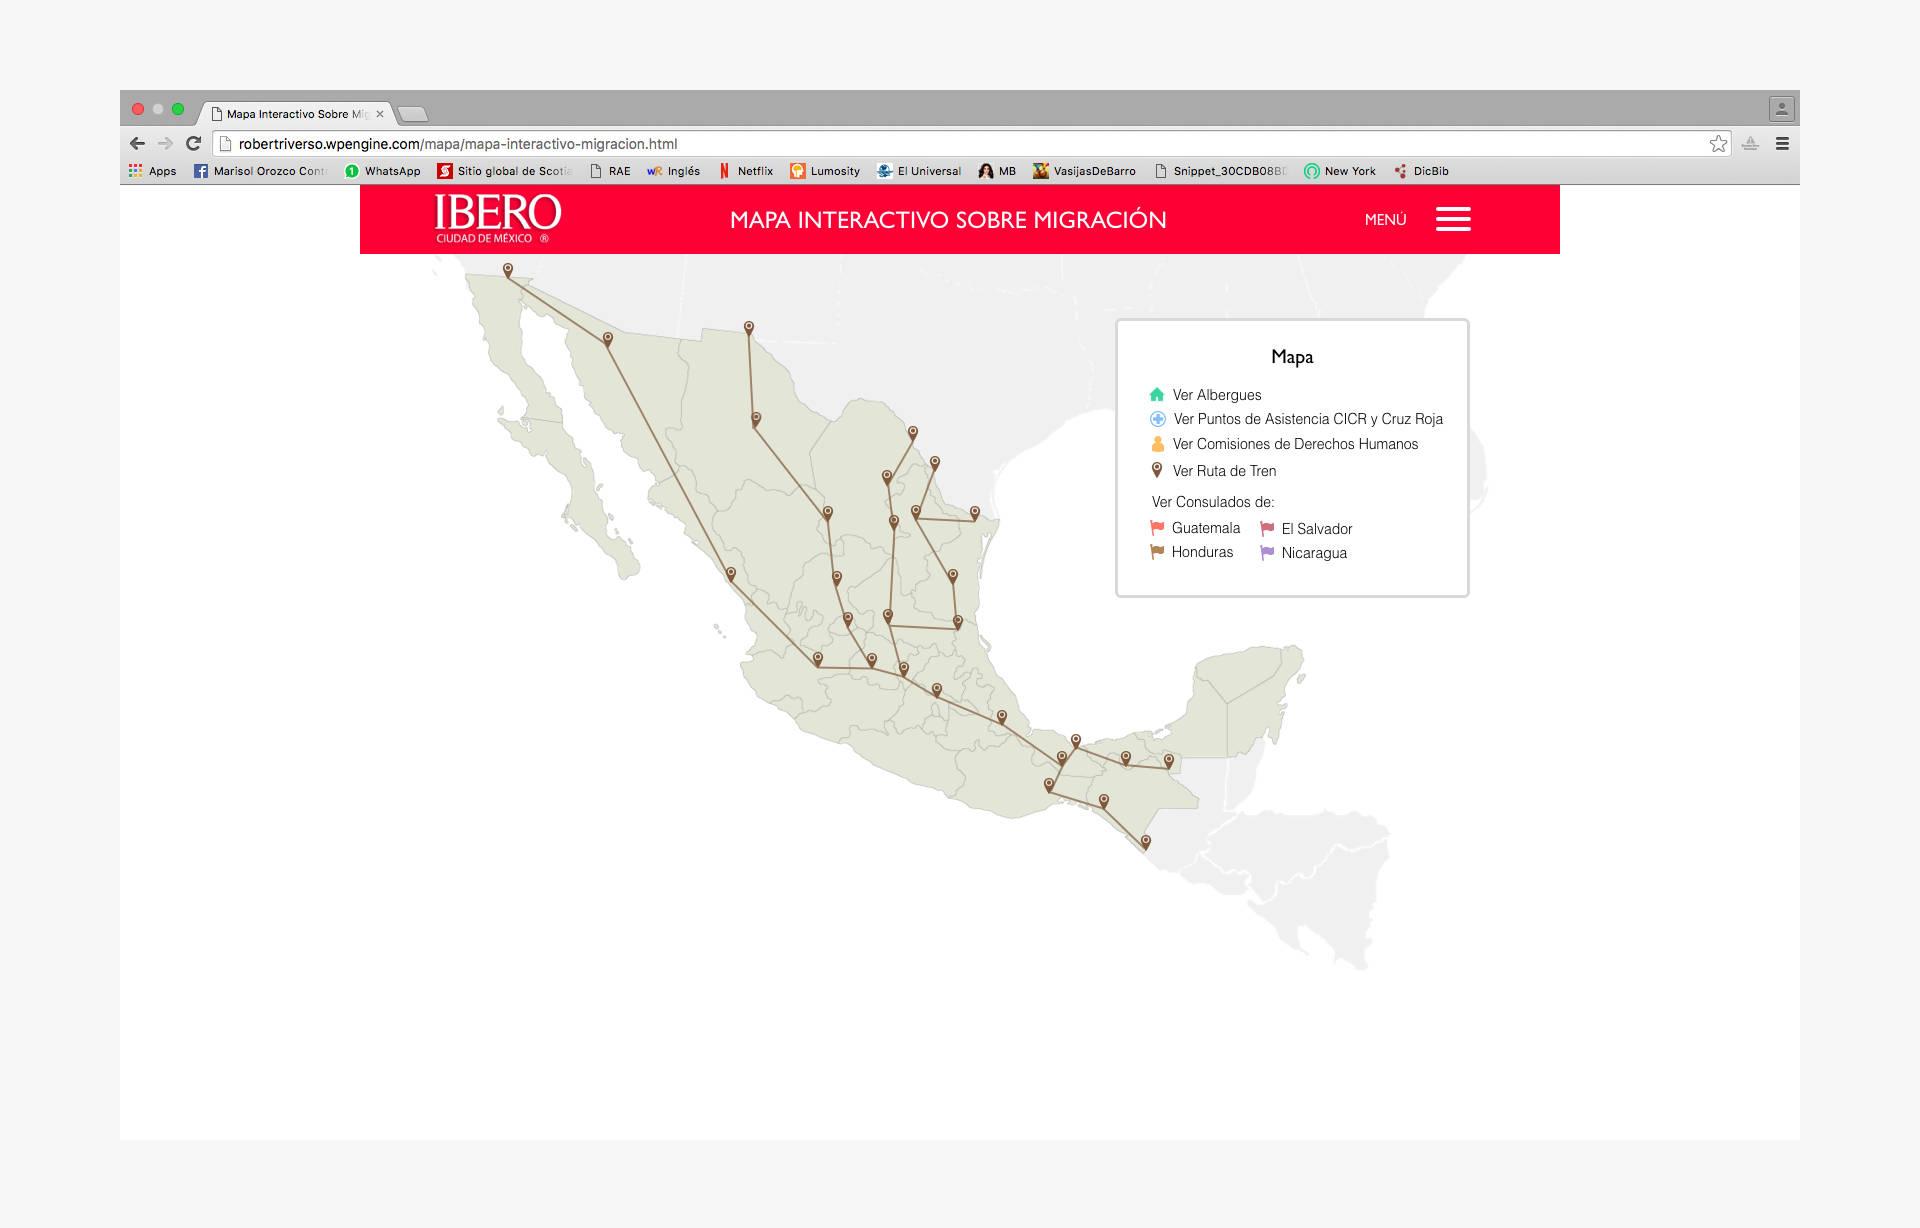 portada del mapa interactivo